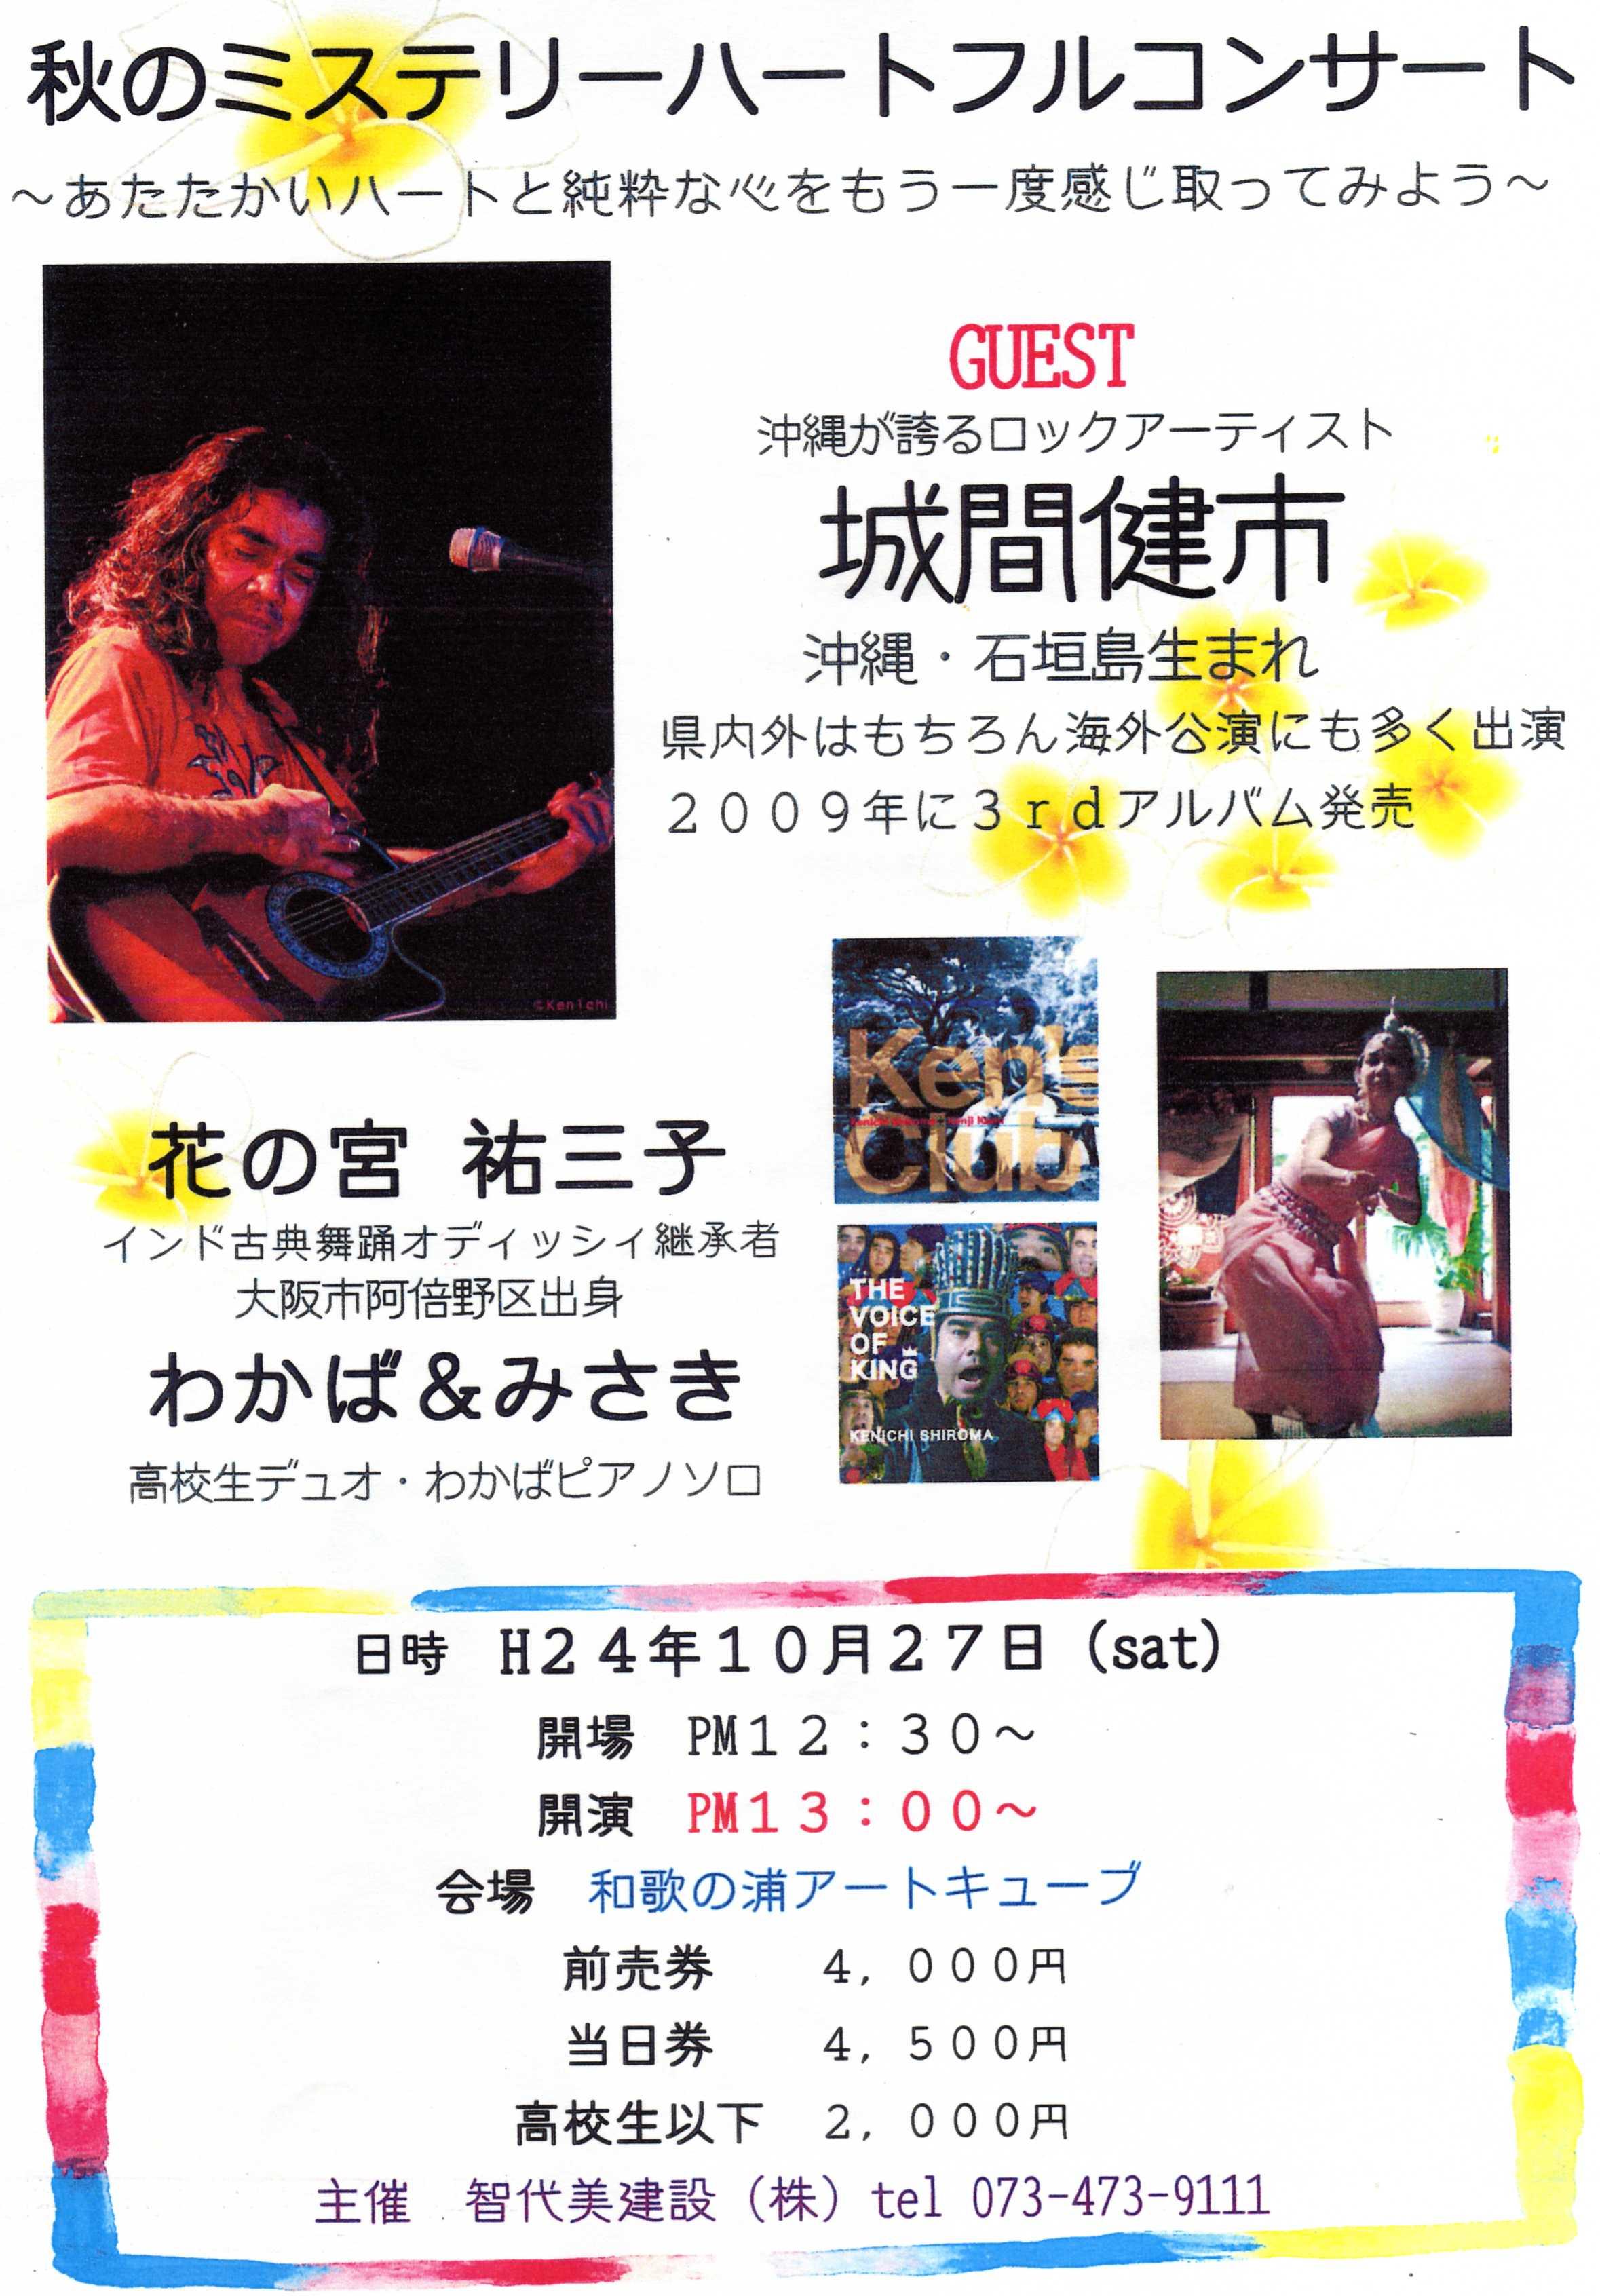 来月 和歌の浦アートキューブ(和歌山市)で 踊ります♪_a0088827_15254873.jpg